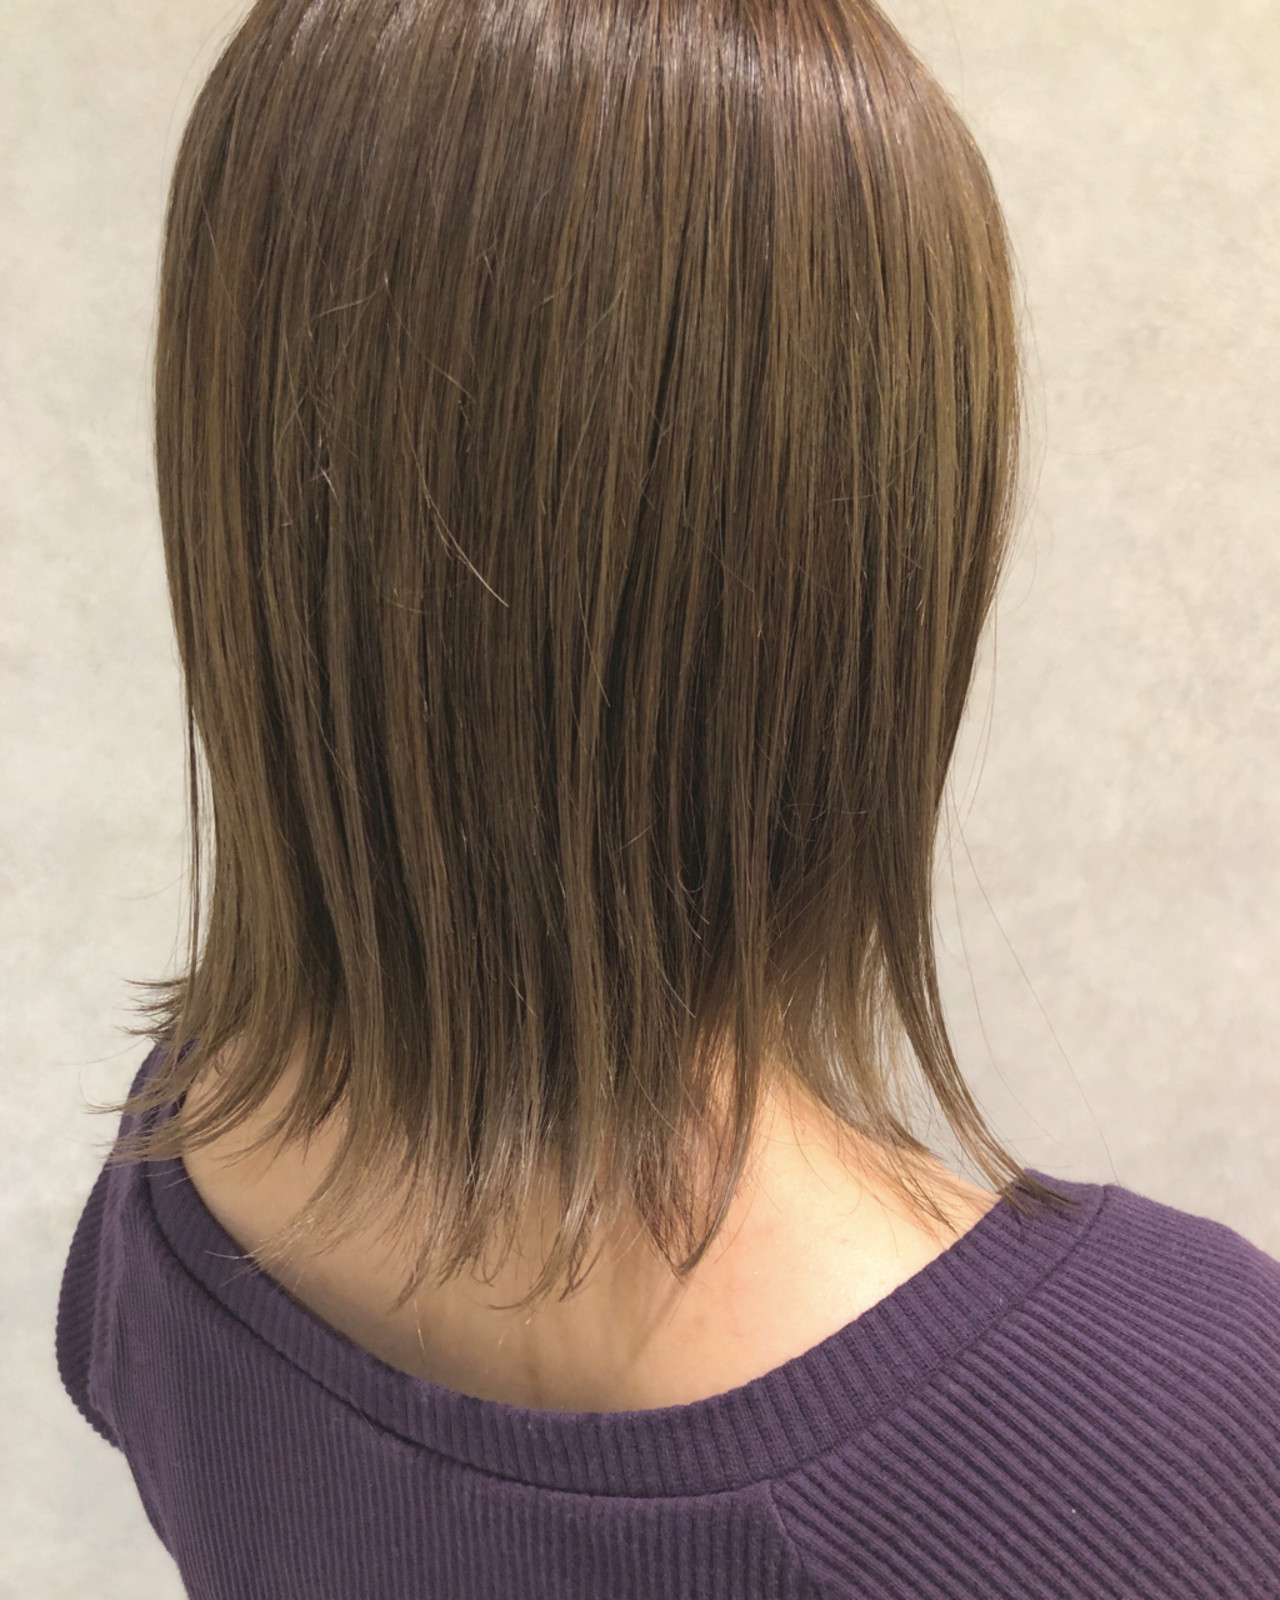 ナチュラル 透明感 ストリート ベージュ ヘアスタイルや髪型の写真・画像